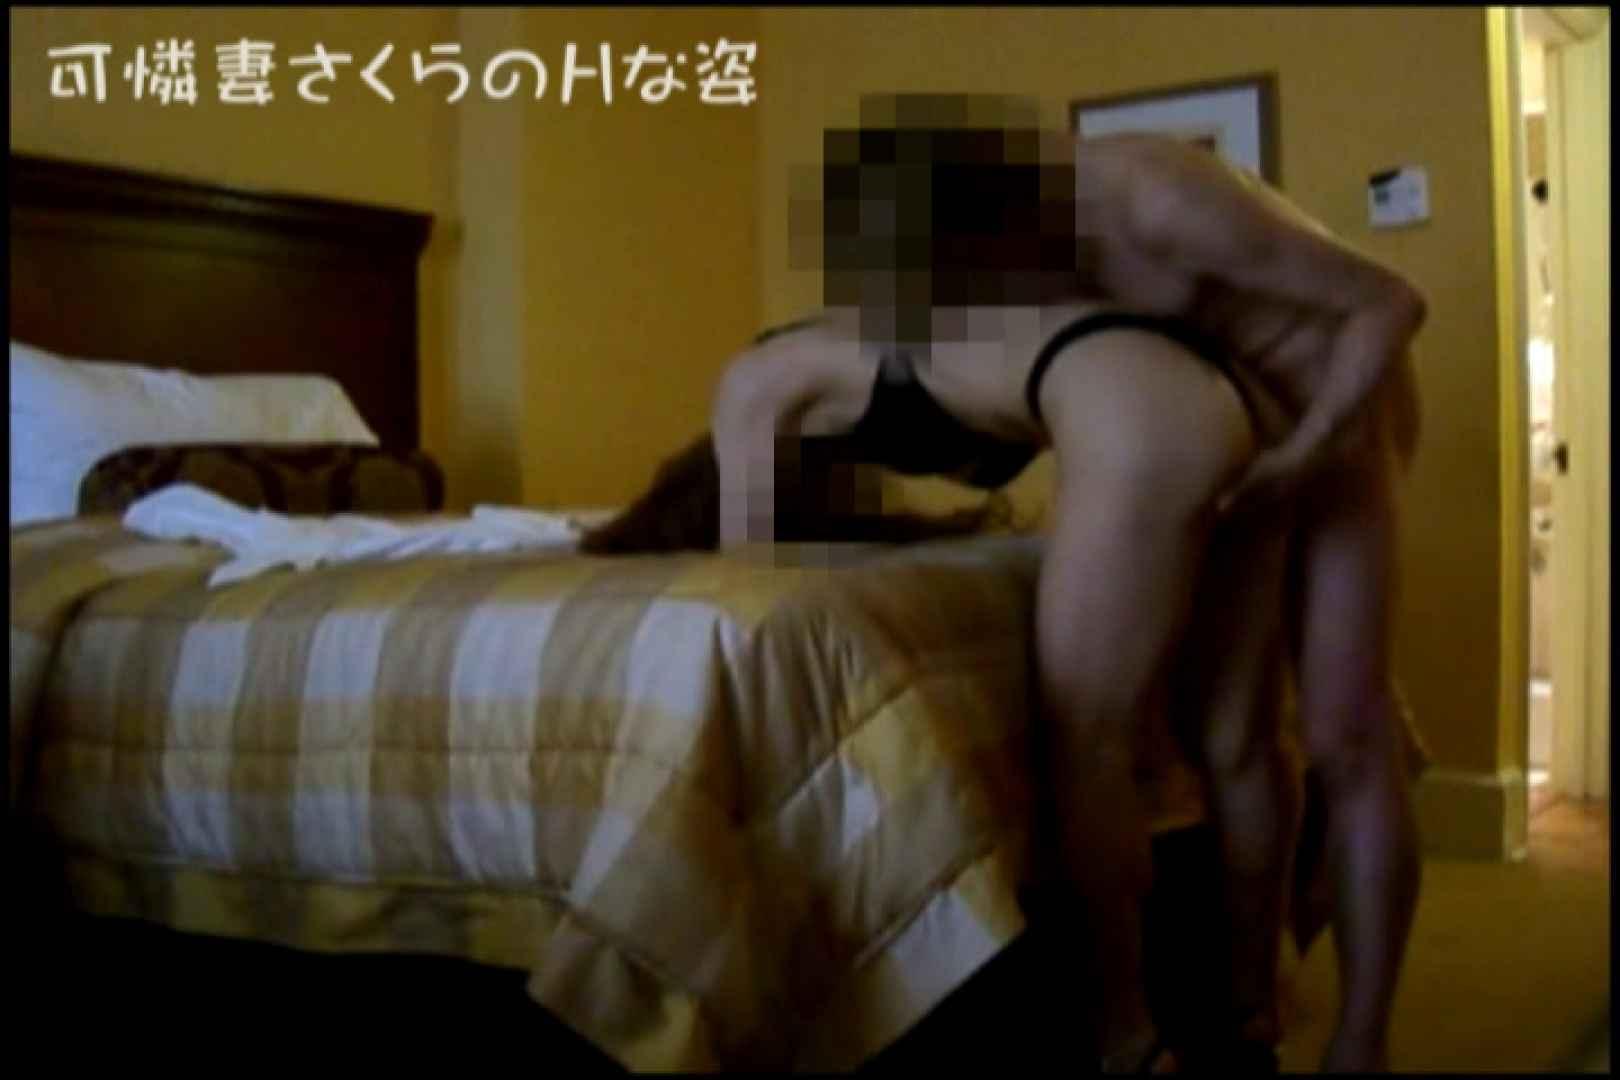 可憐妻さくらのHな姿vol.9前編 エッチな熟女  57pic 12